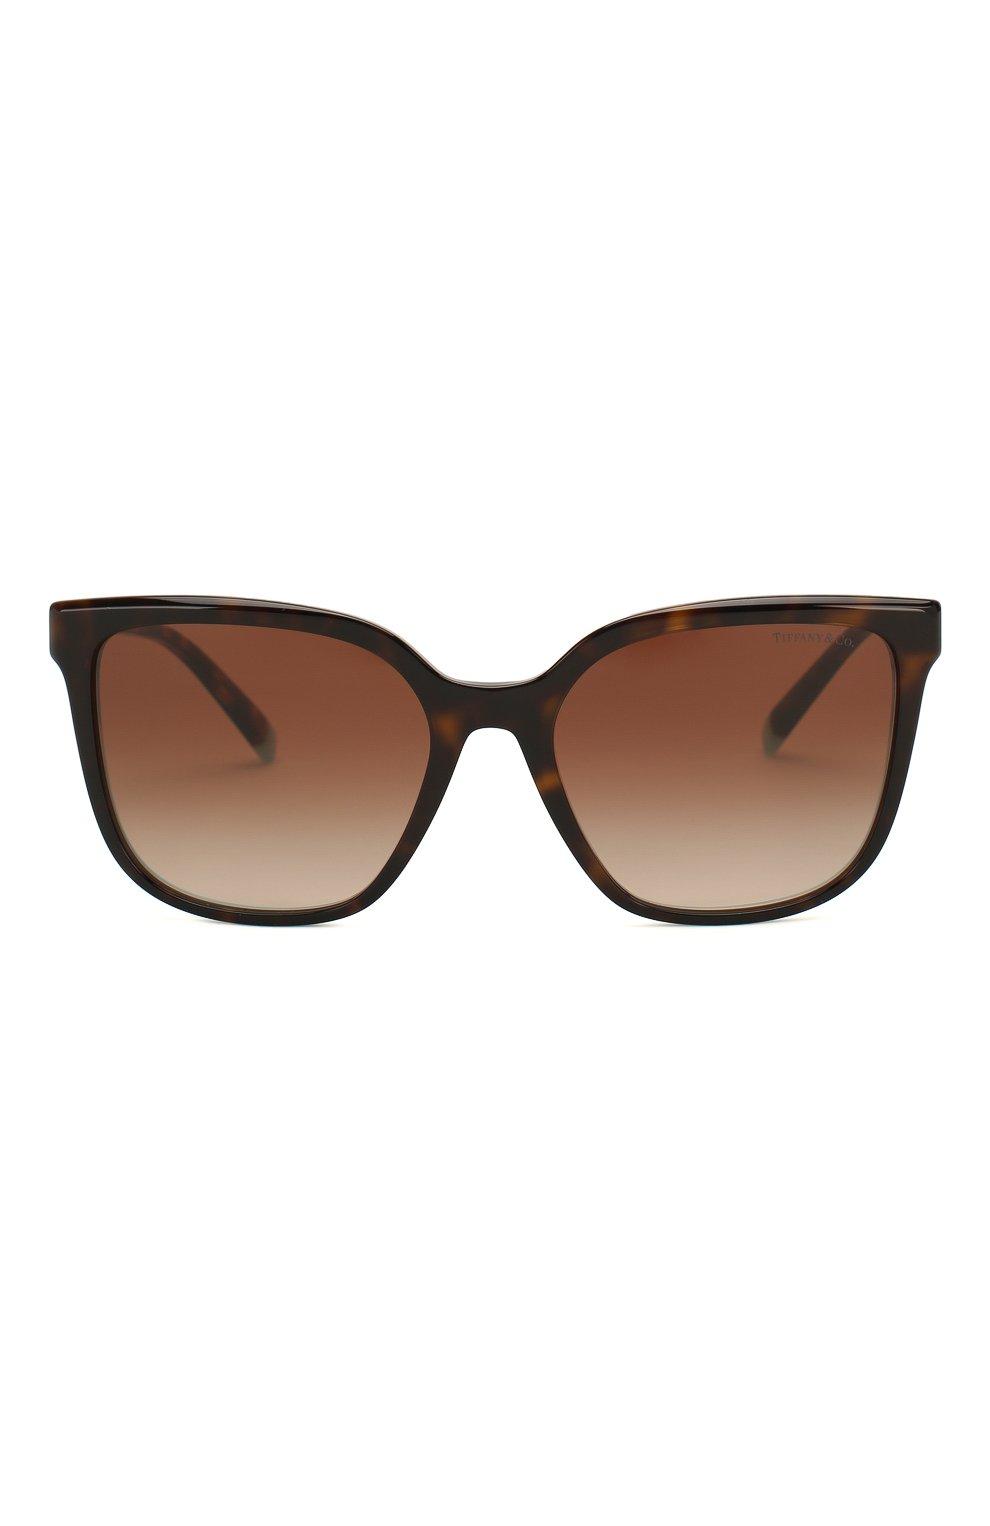 Женские солнцезащитные очки TIFFANY & CO. коричневого цвета, арт. 4165-82753B | Фото 3